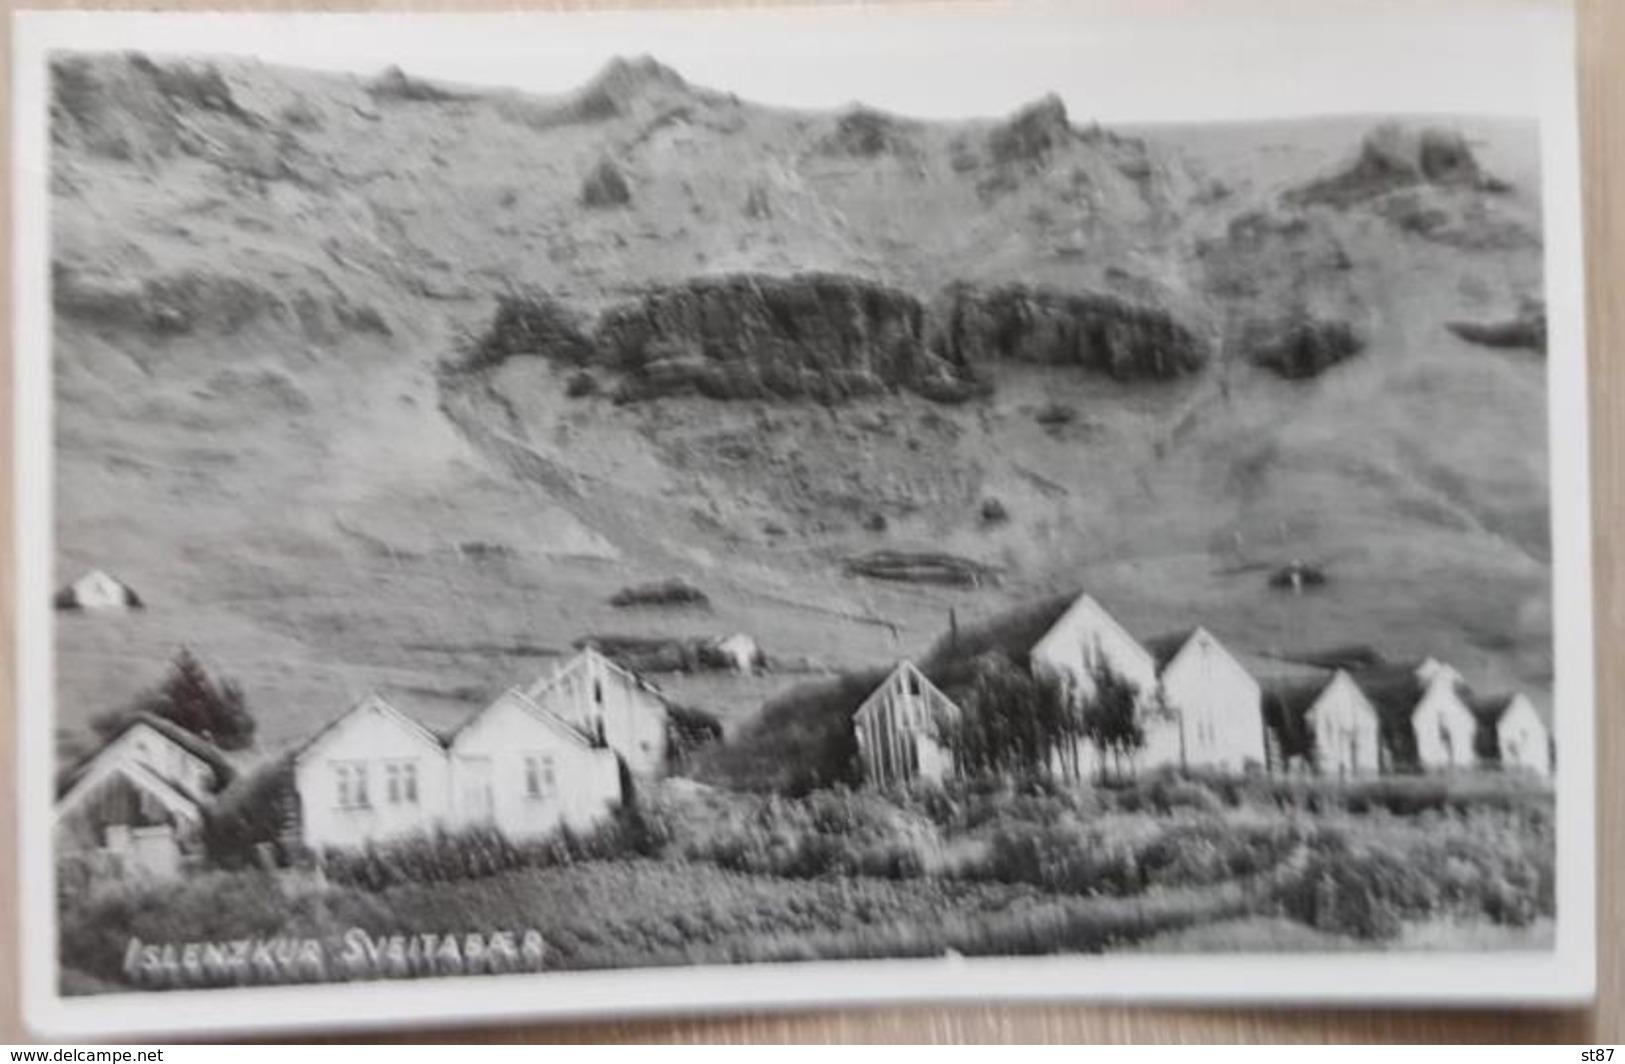 Iceland Islenzkur Sveitabær - Island